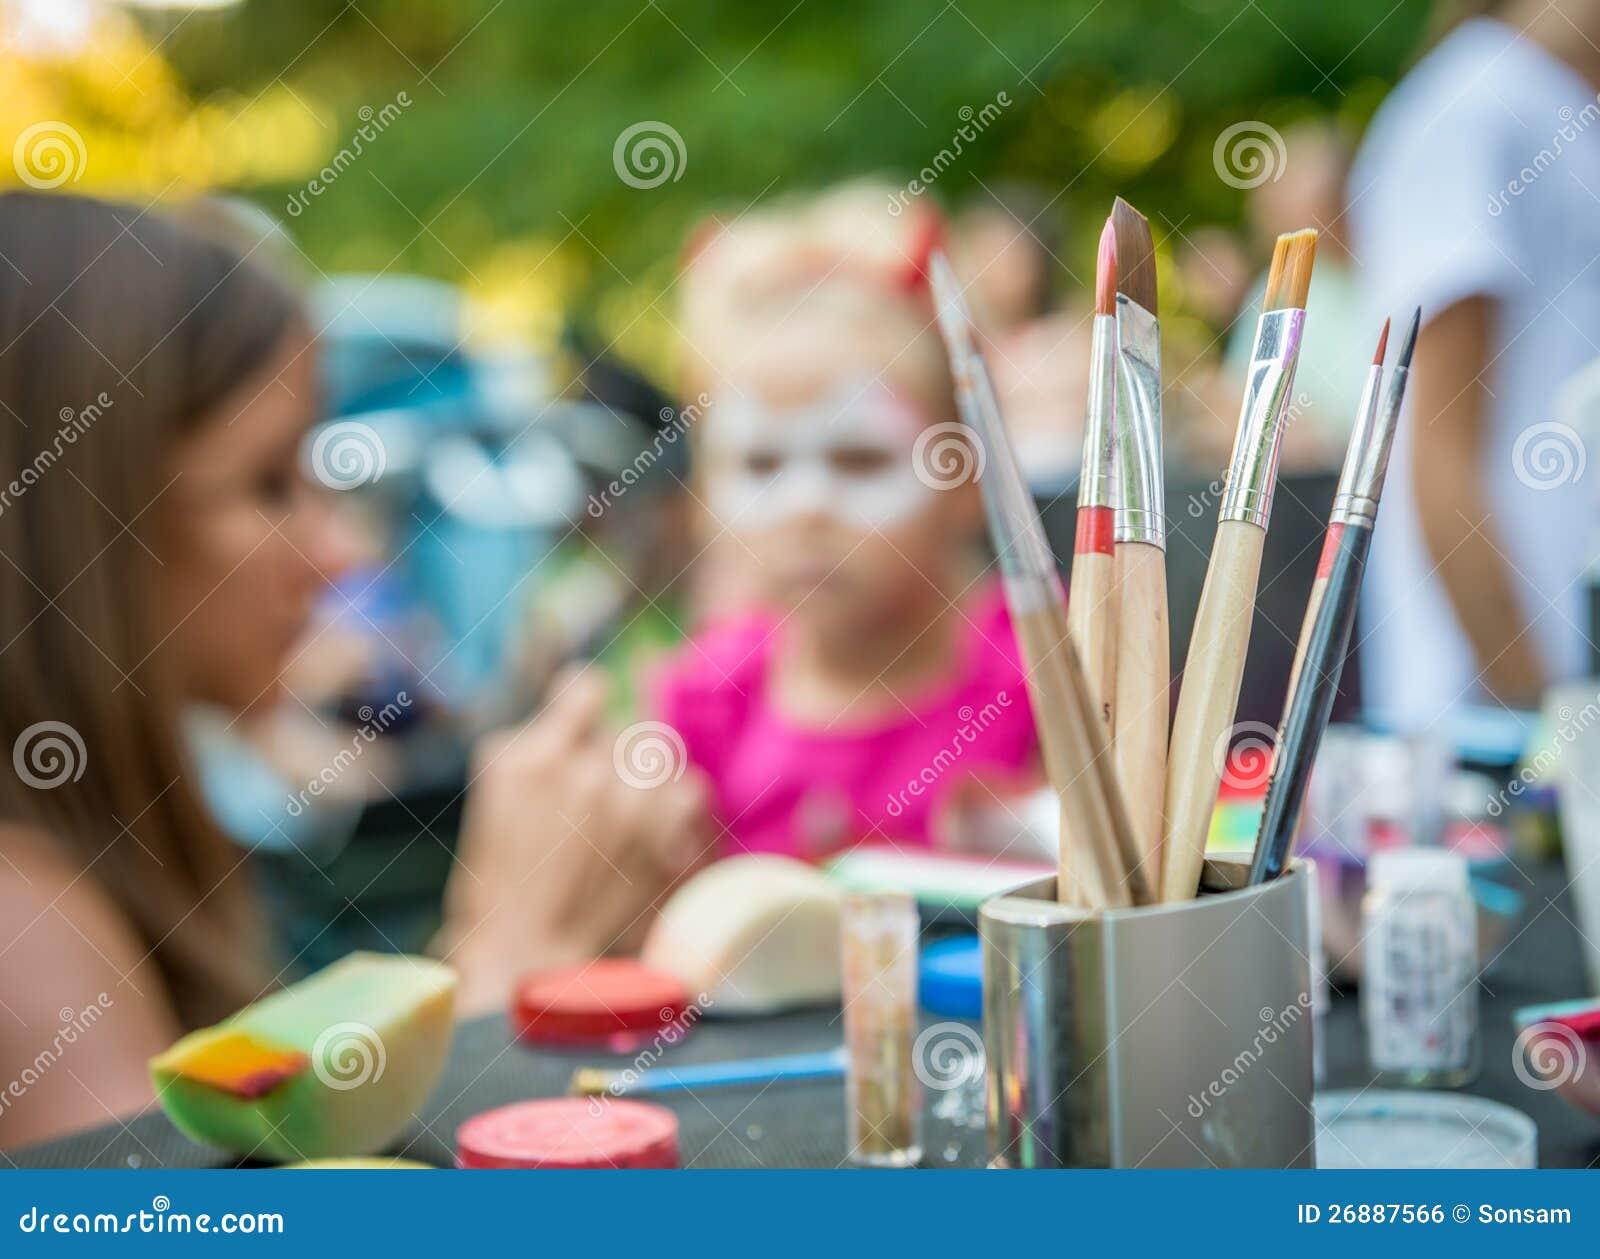 Έκθεση παιδιών - μεταμφίεση για καρναβάλι